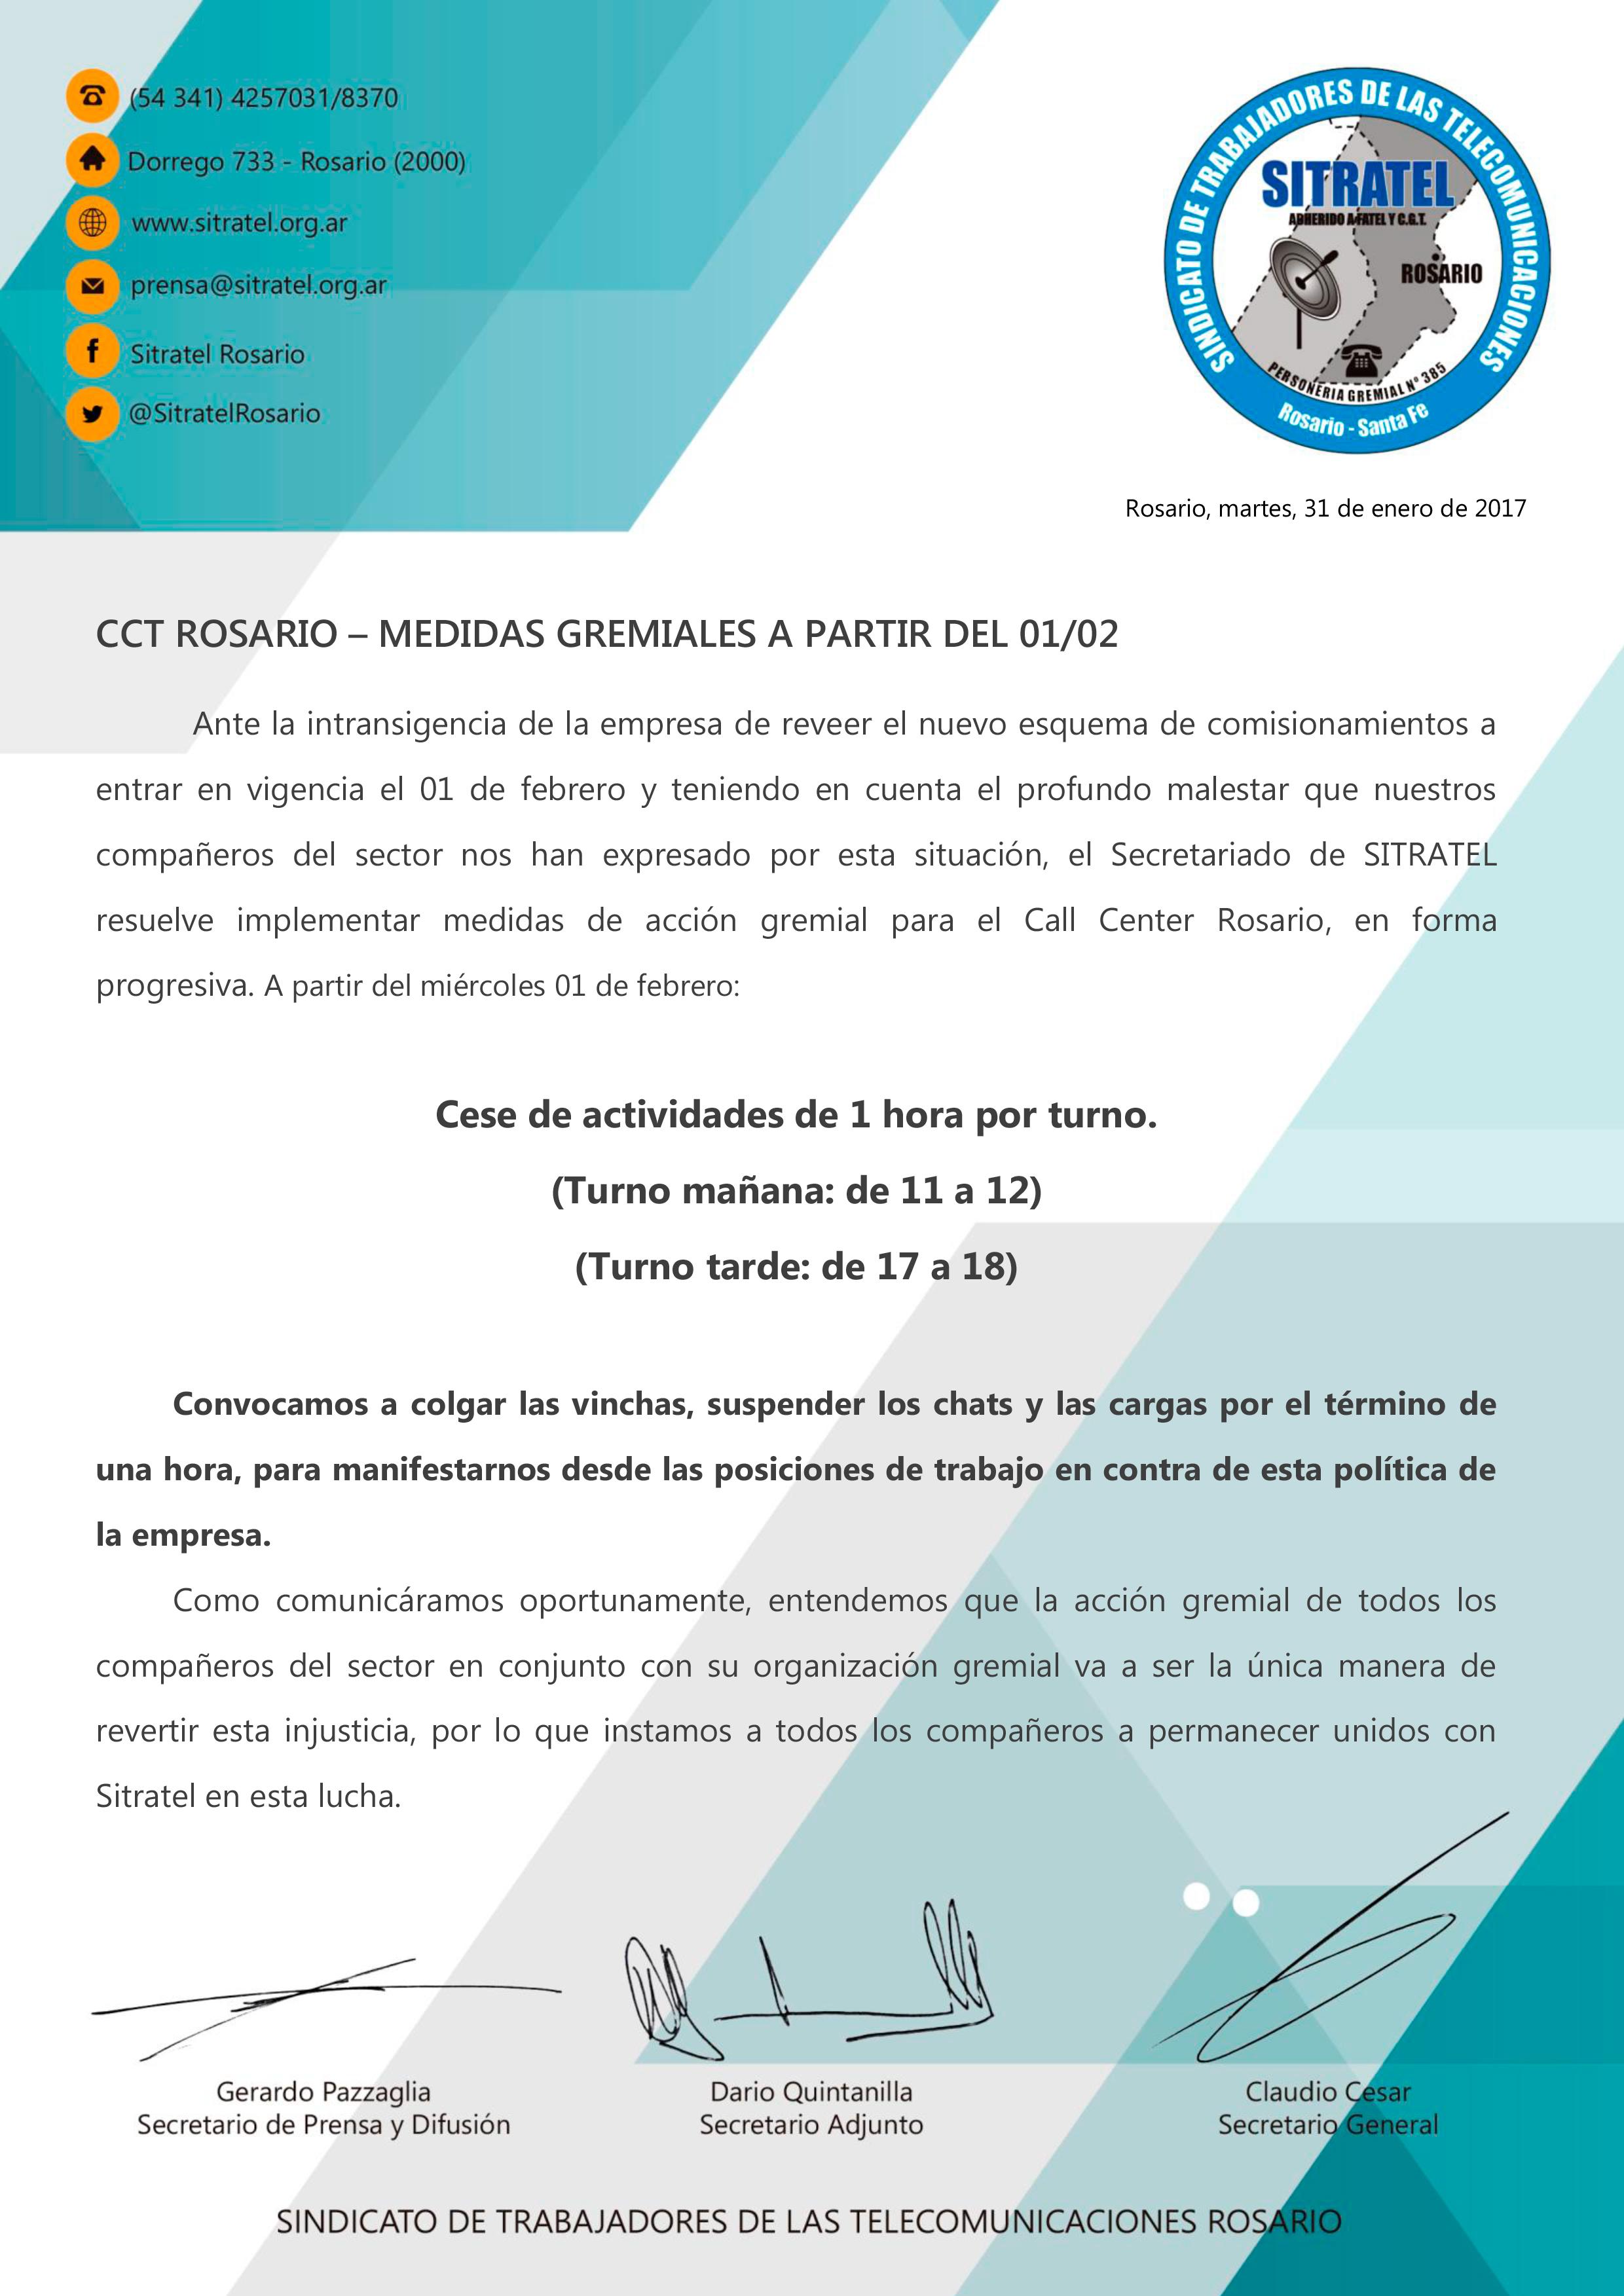 CCT-Rosario--Medidas-gremiales-a-partir-del-01